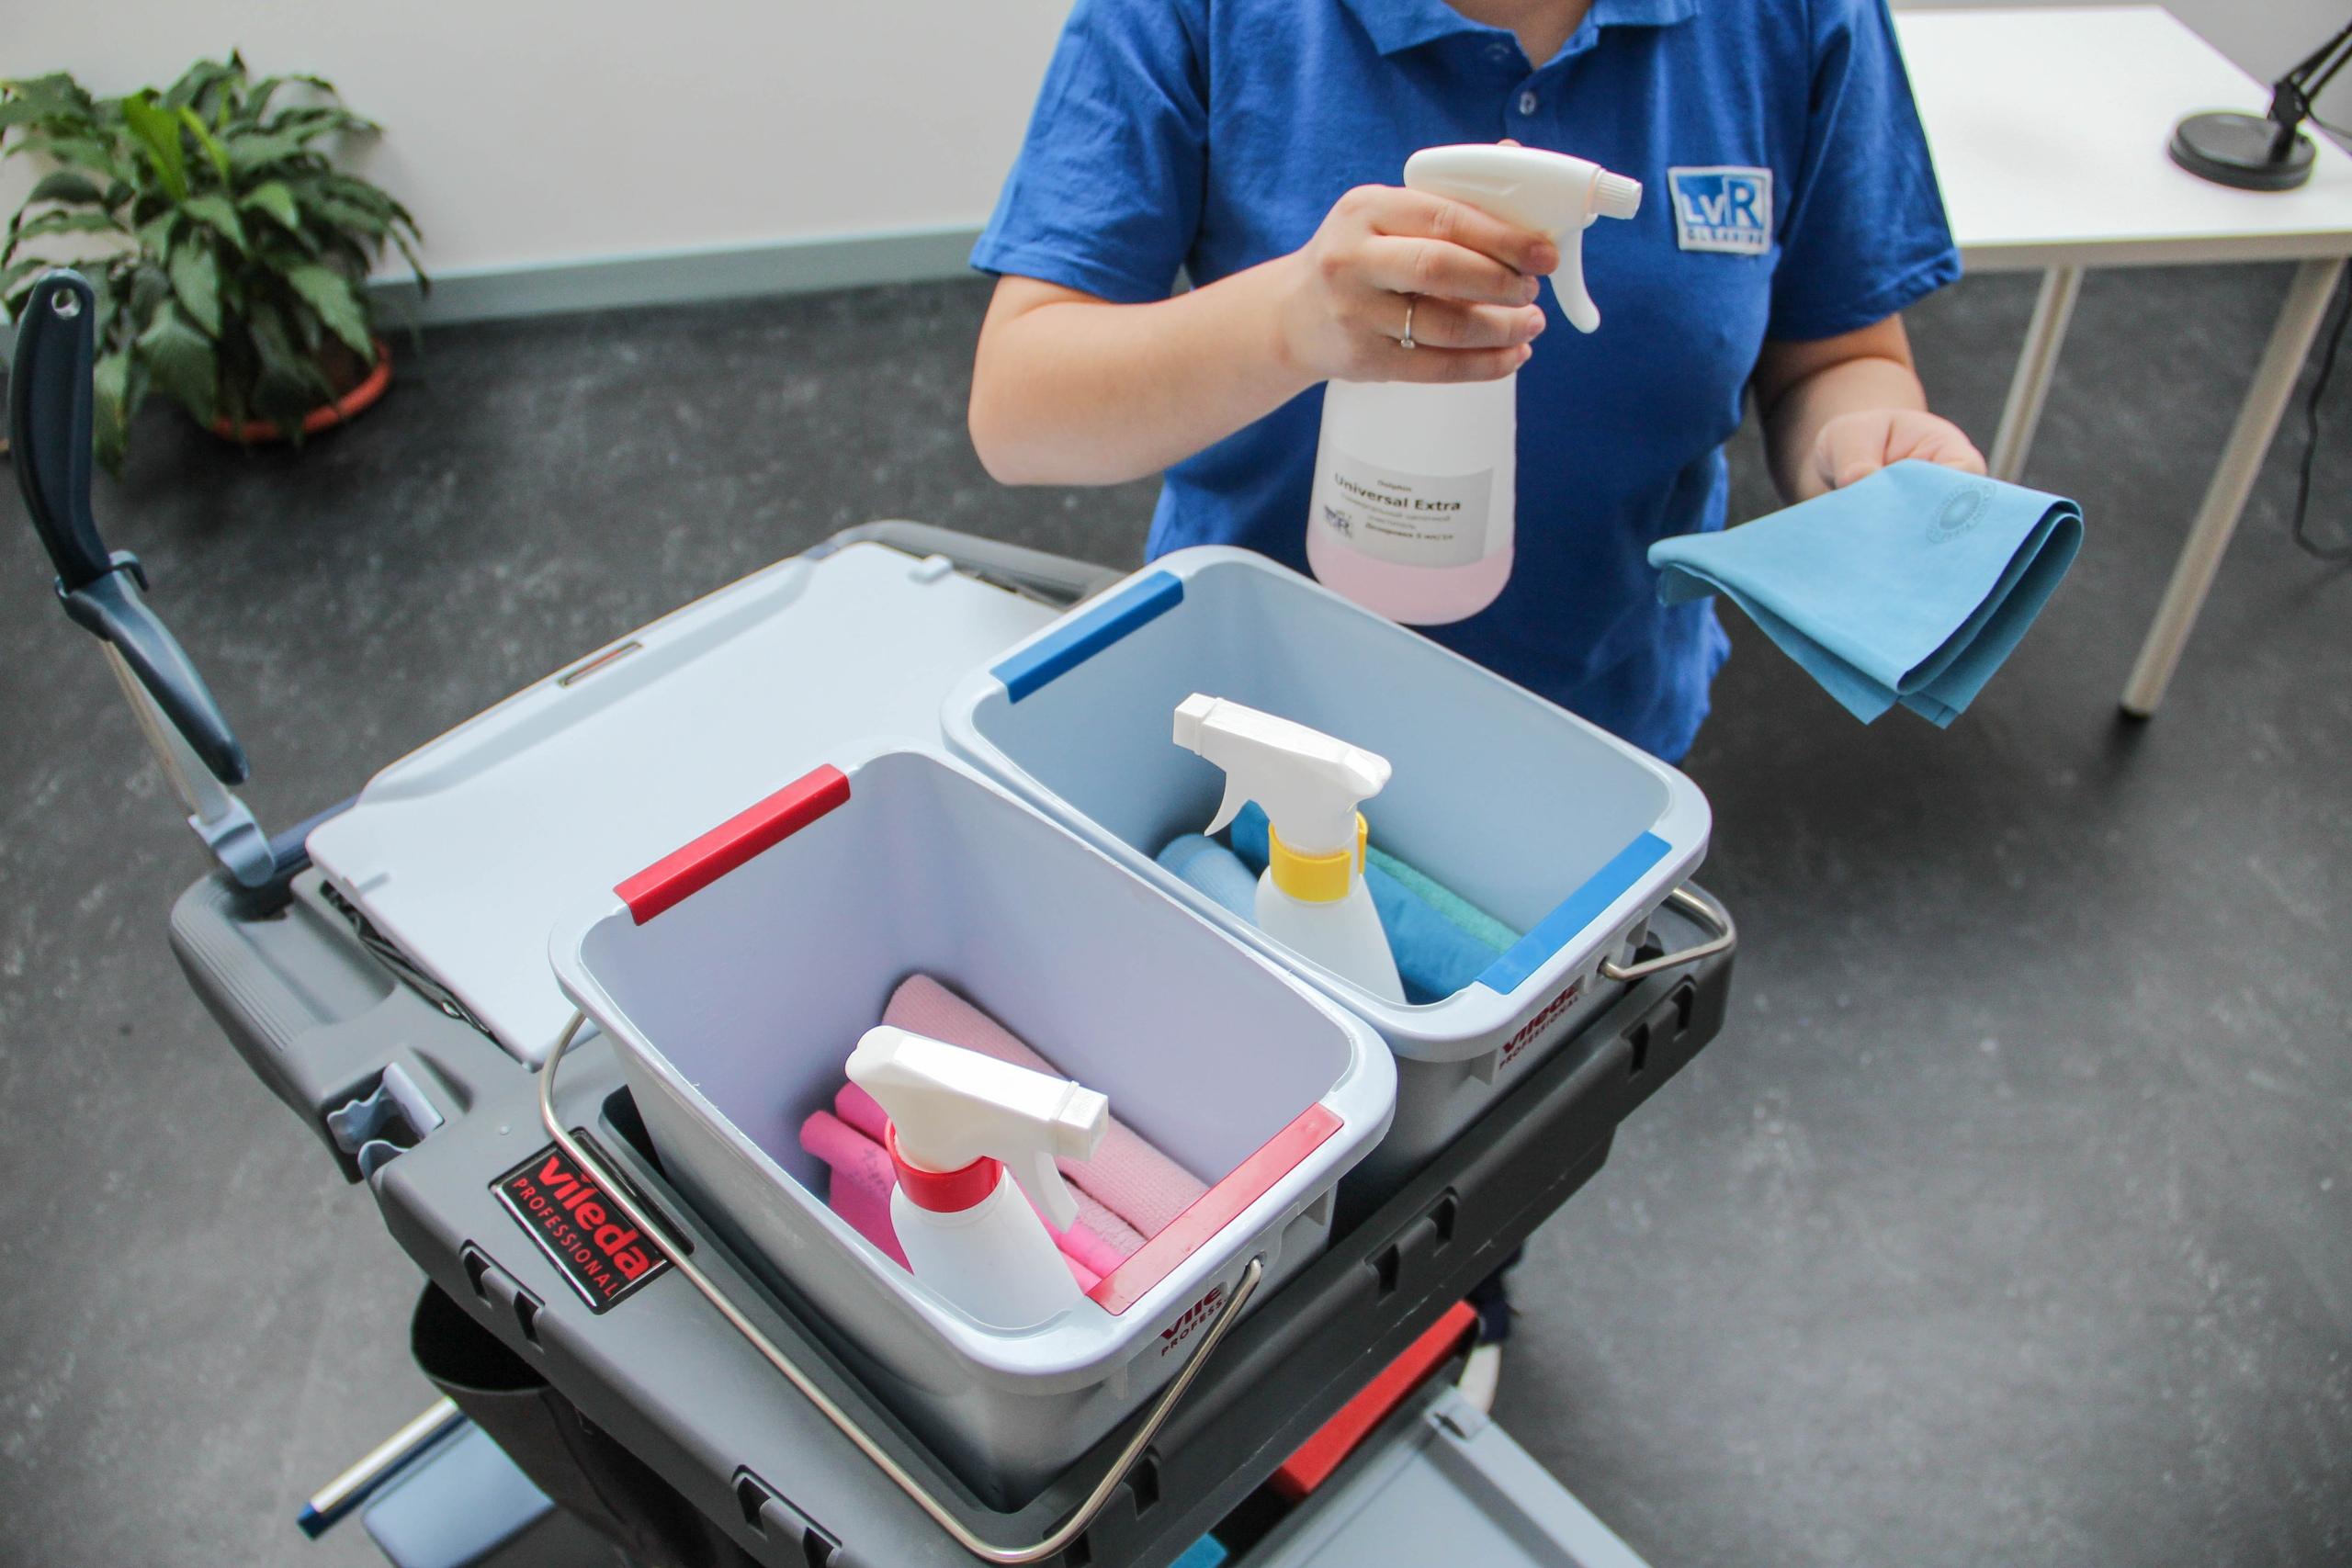 Уборка методом предварительной подготовки, изображение №3